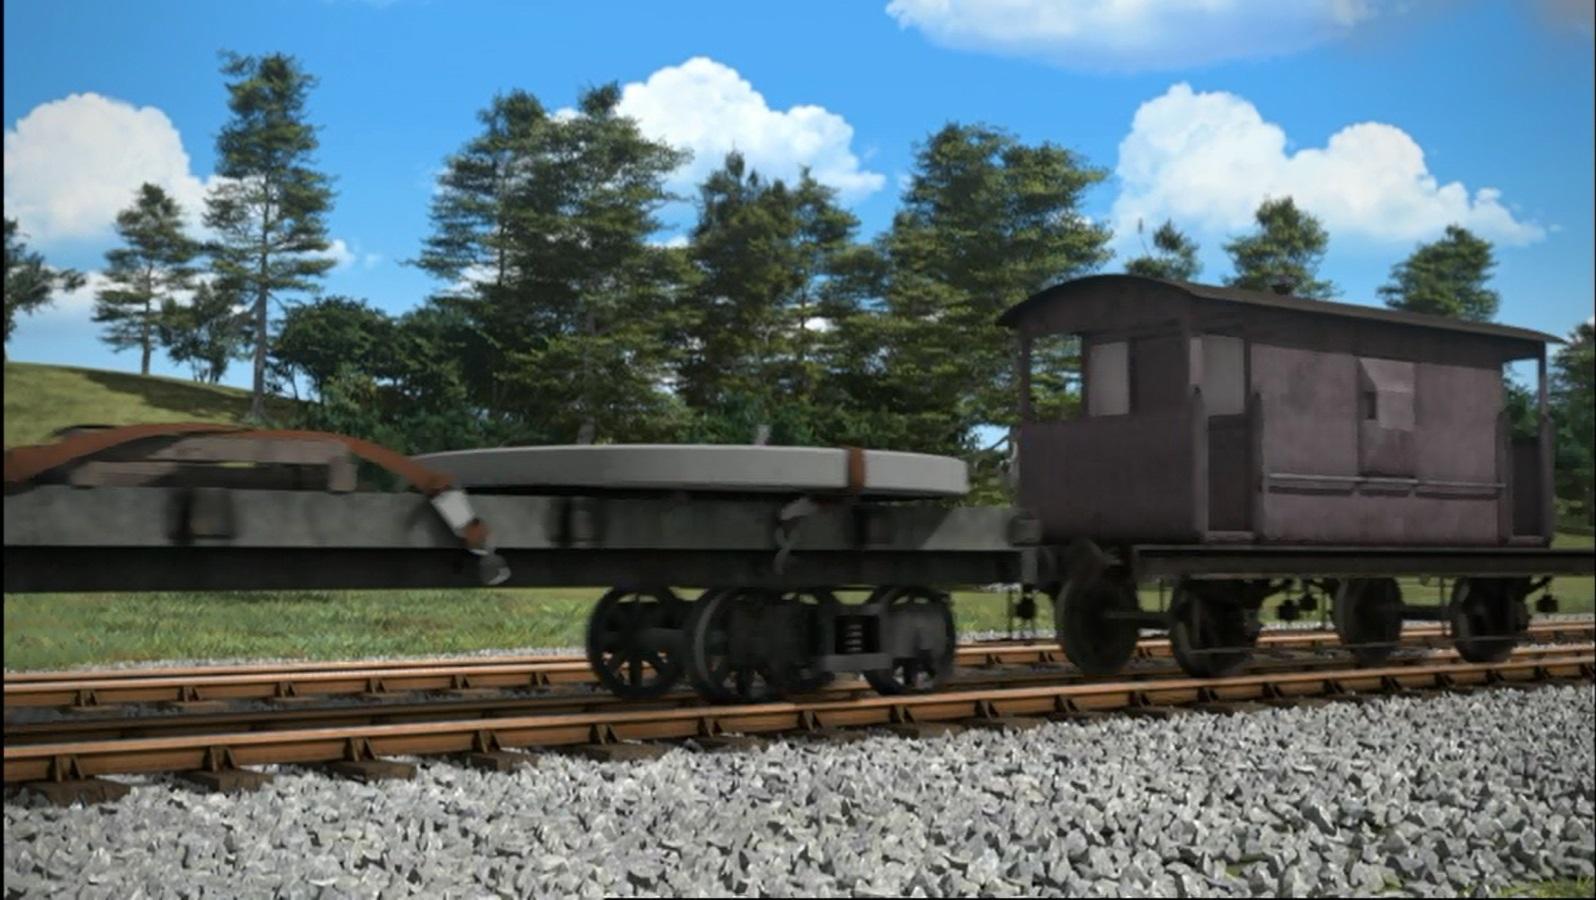 TV版第18シーズンの灰色のイギリス国鉄の20トンブレーキ車2